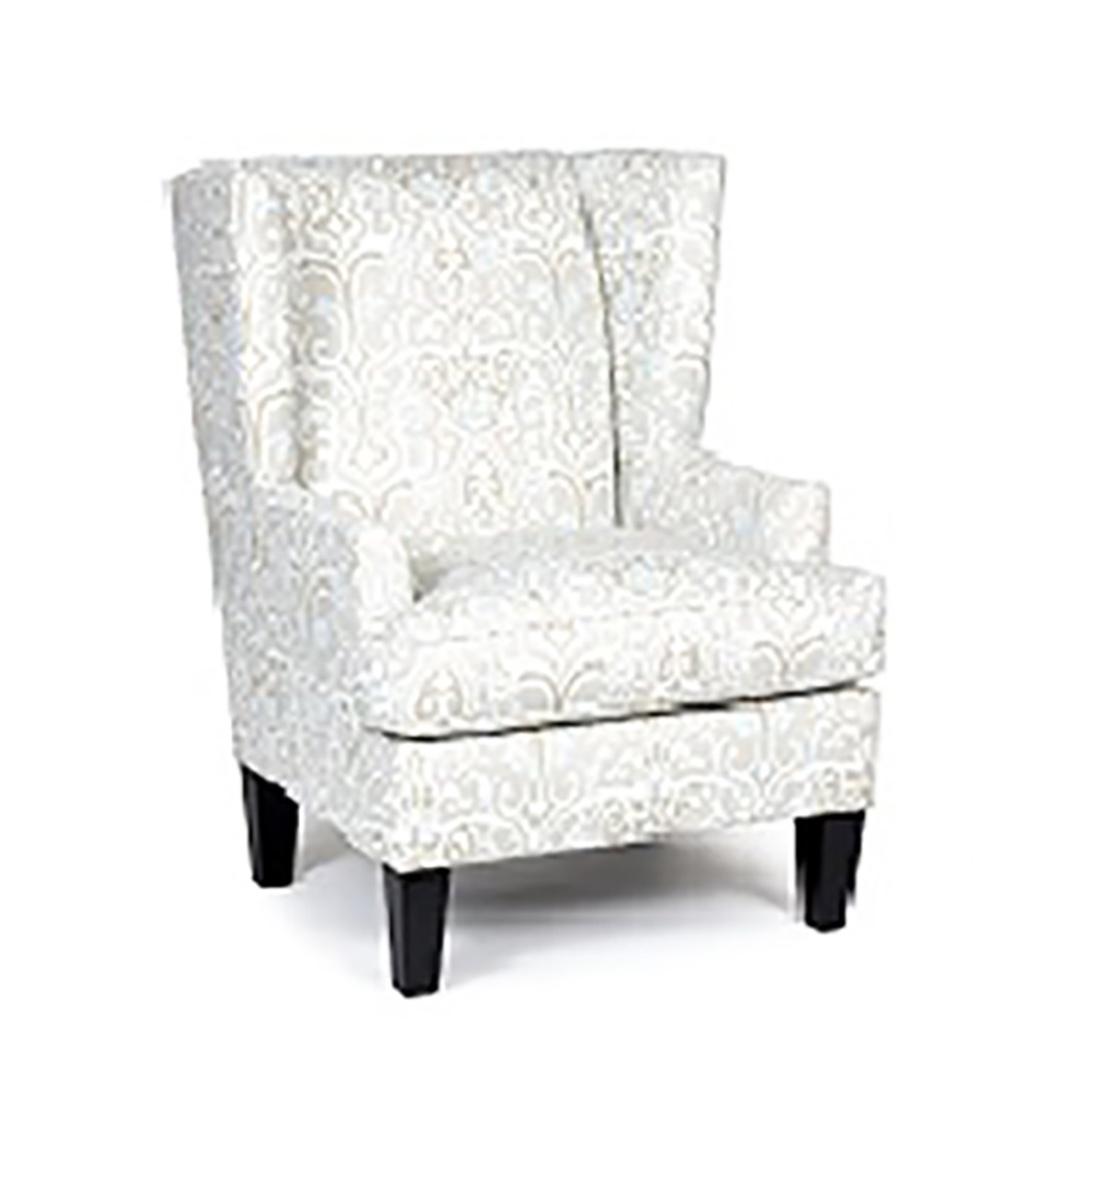 Chelsea Home Grovel Chair - White/Beige